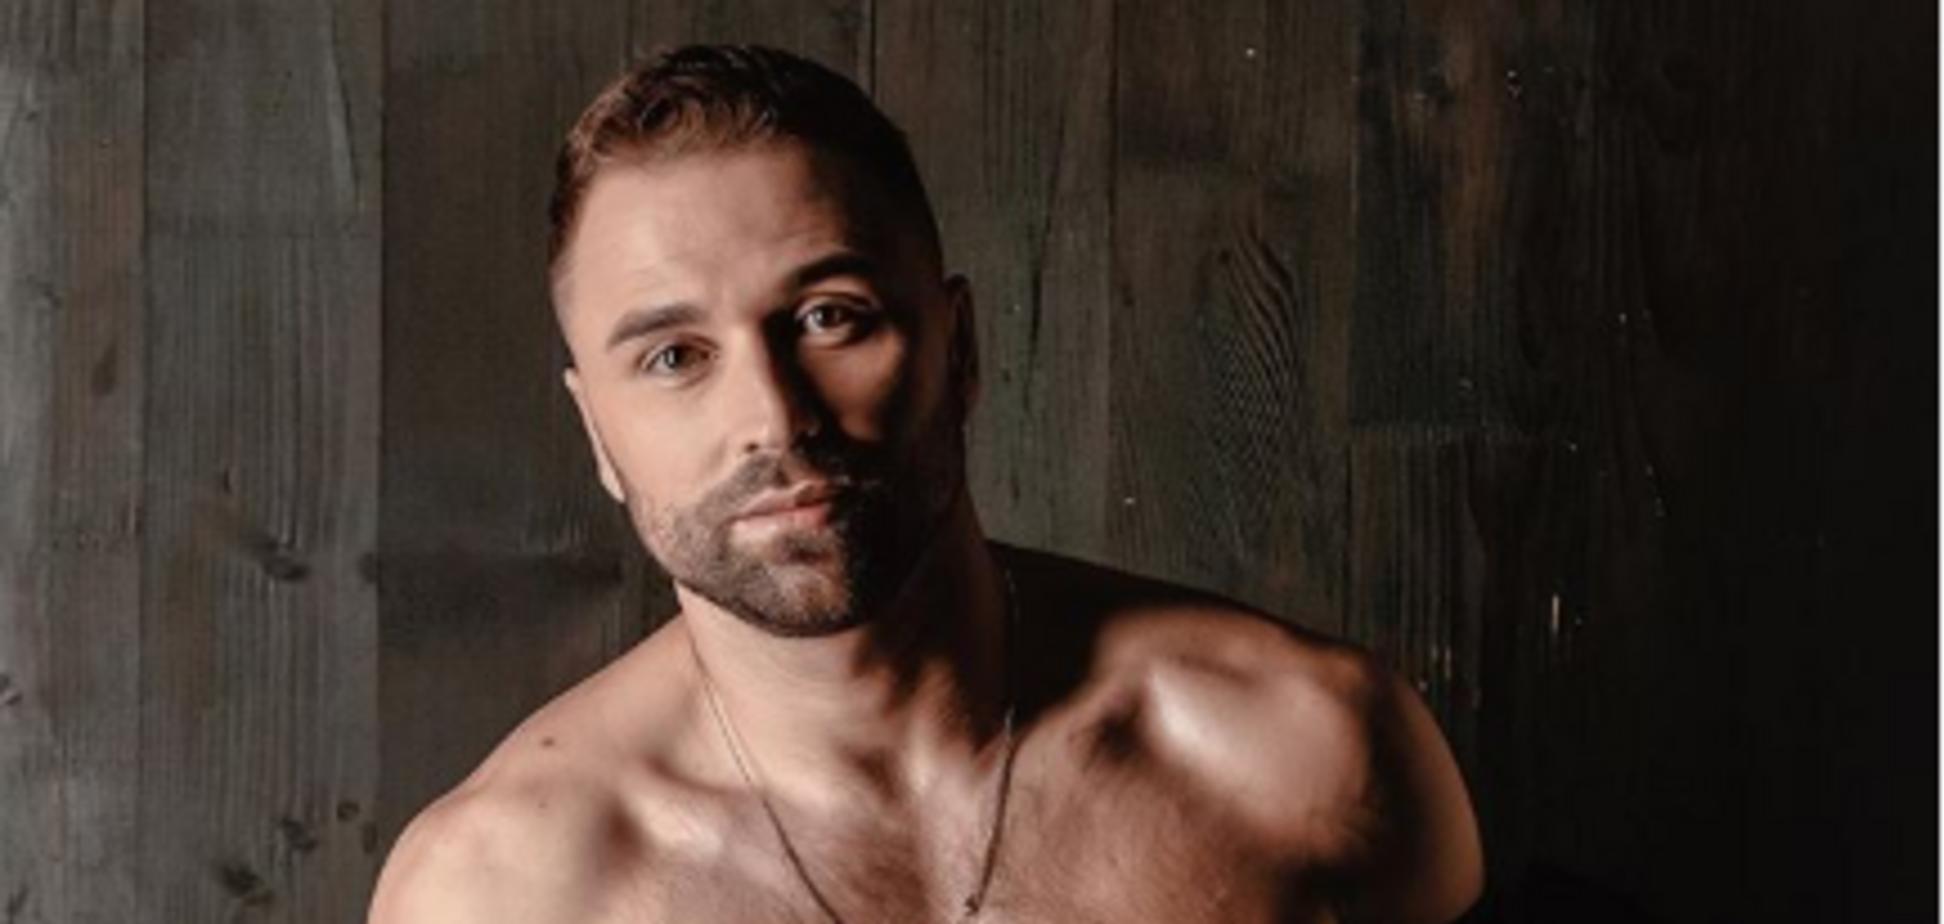 'Холостяк' Михайлюк зізнався, що у нього був секс на першому побаченні й в літаку